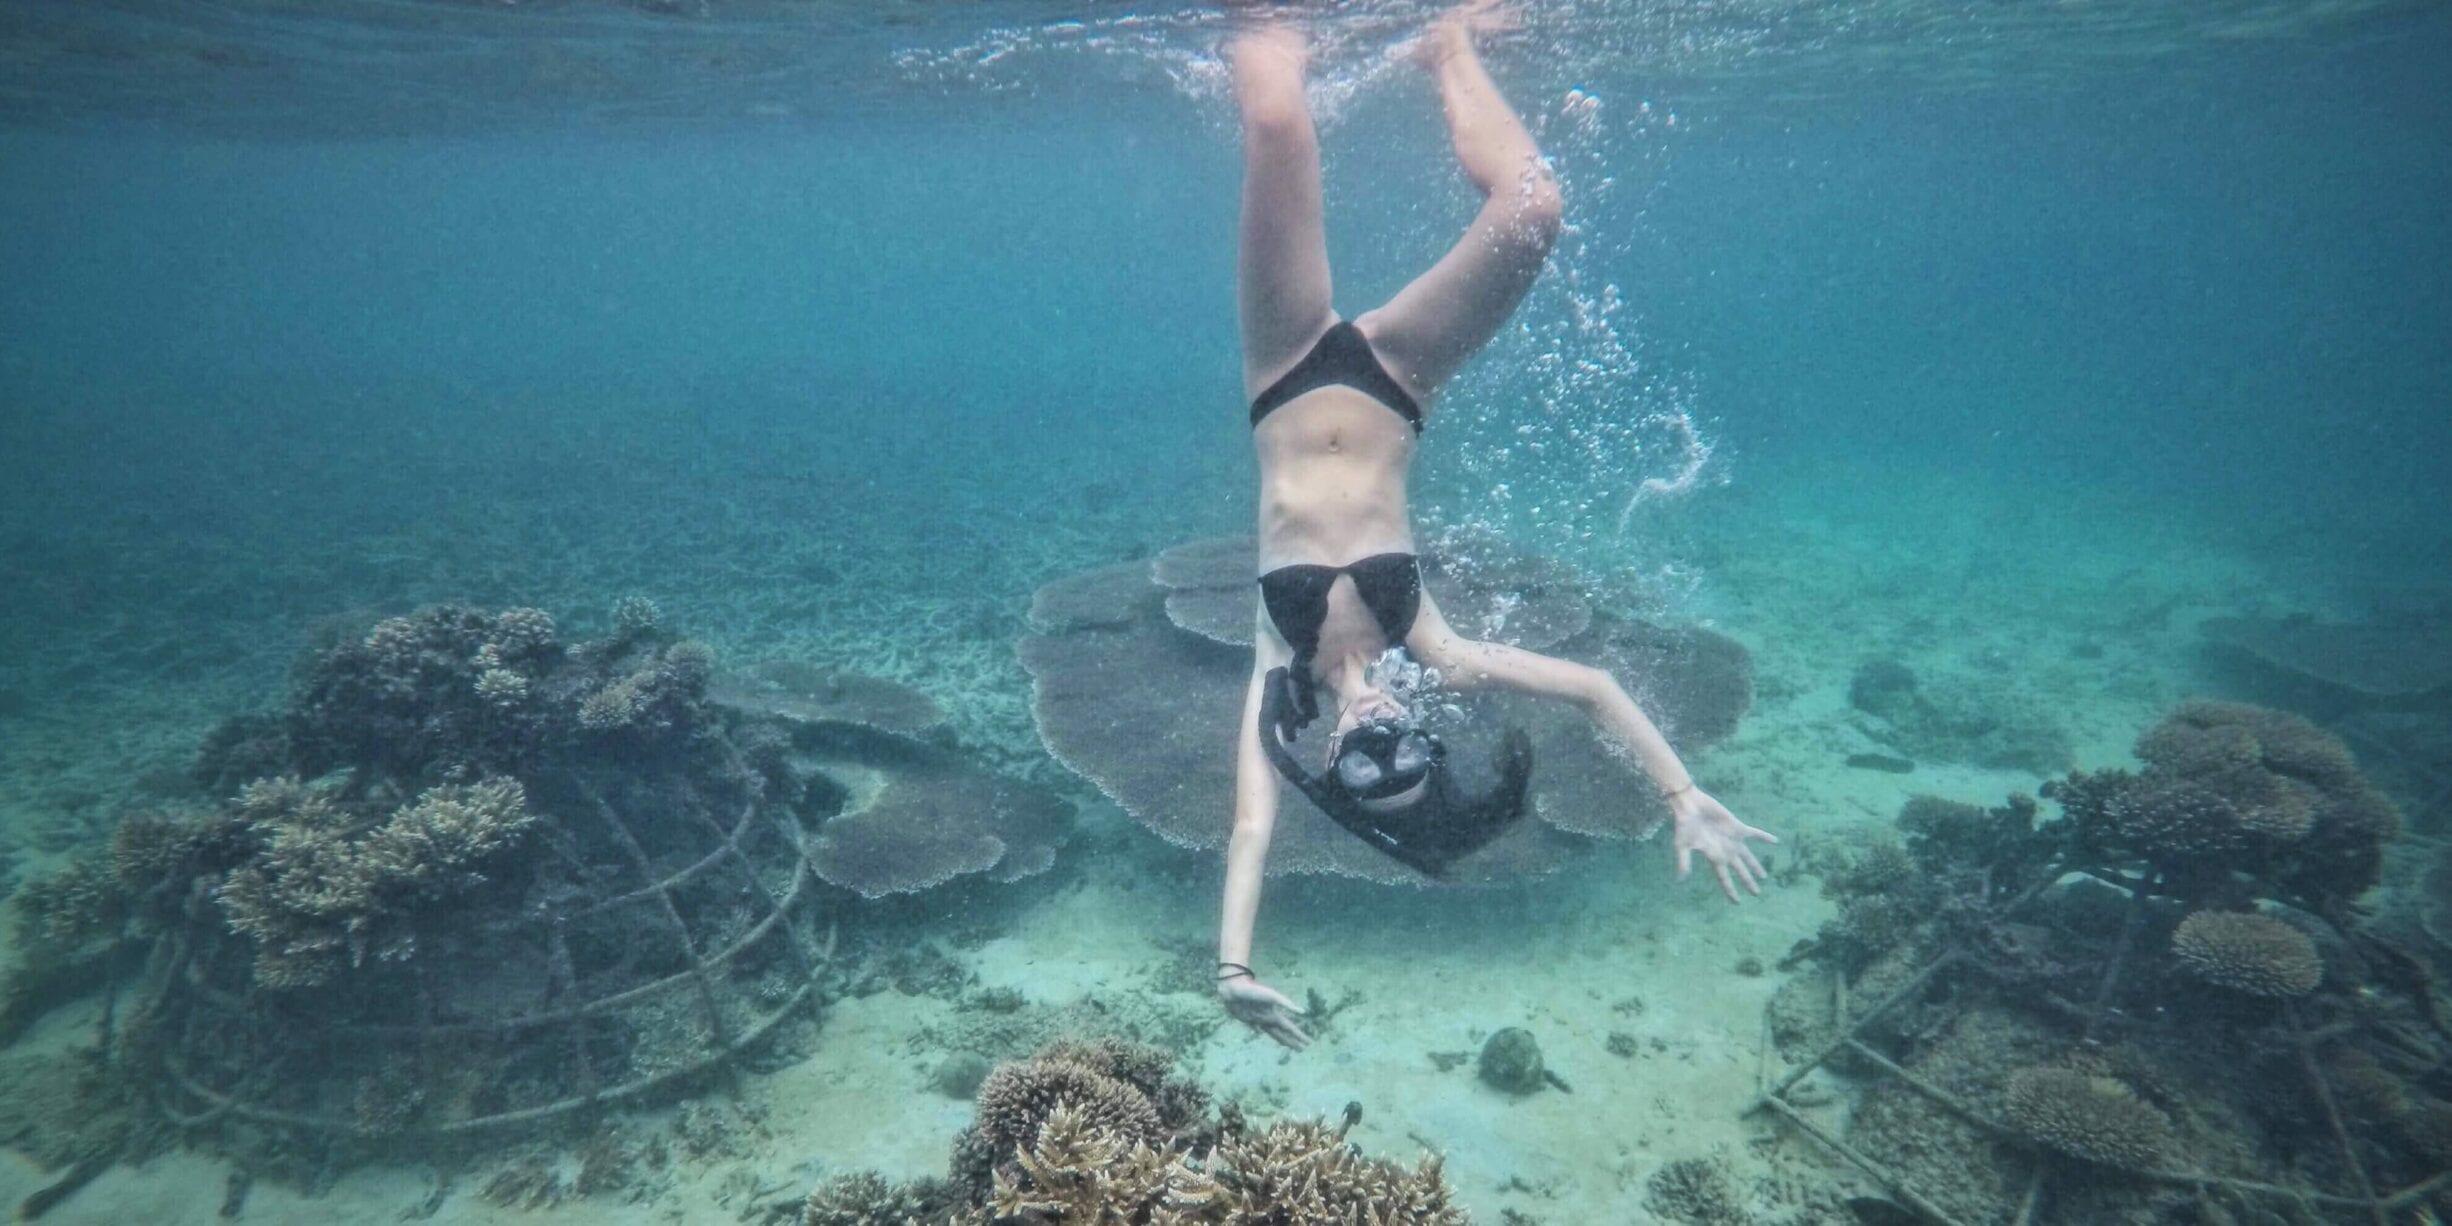 michelle vogel swimming underwater near coral reef